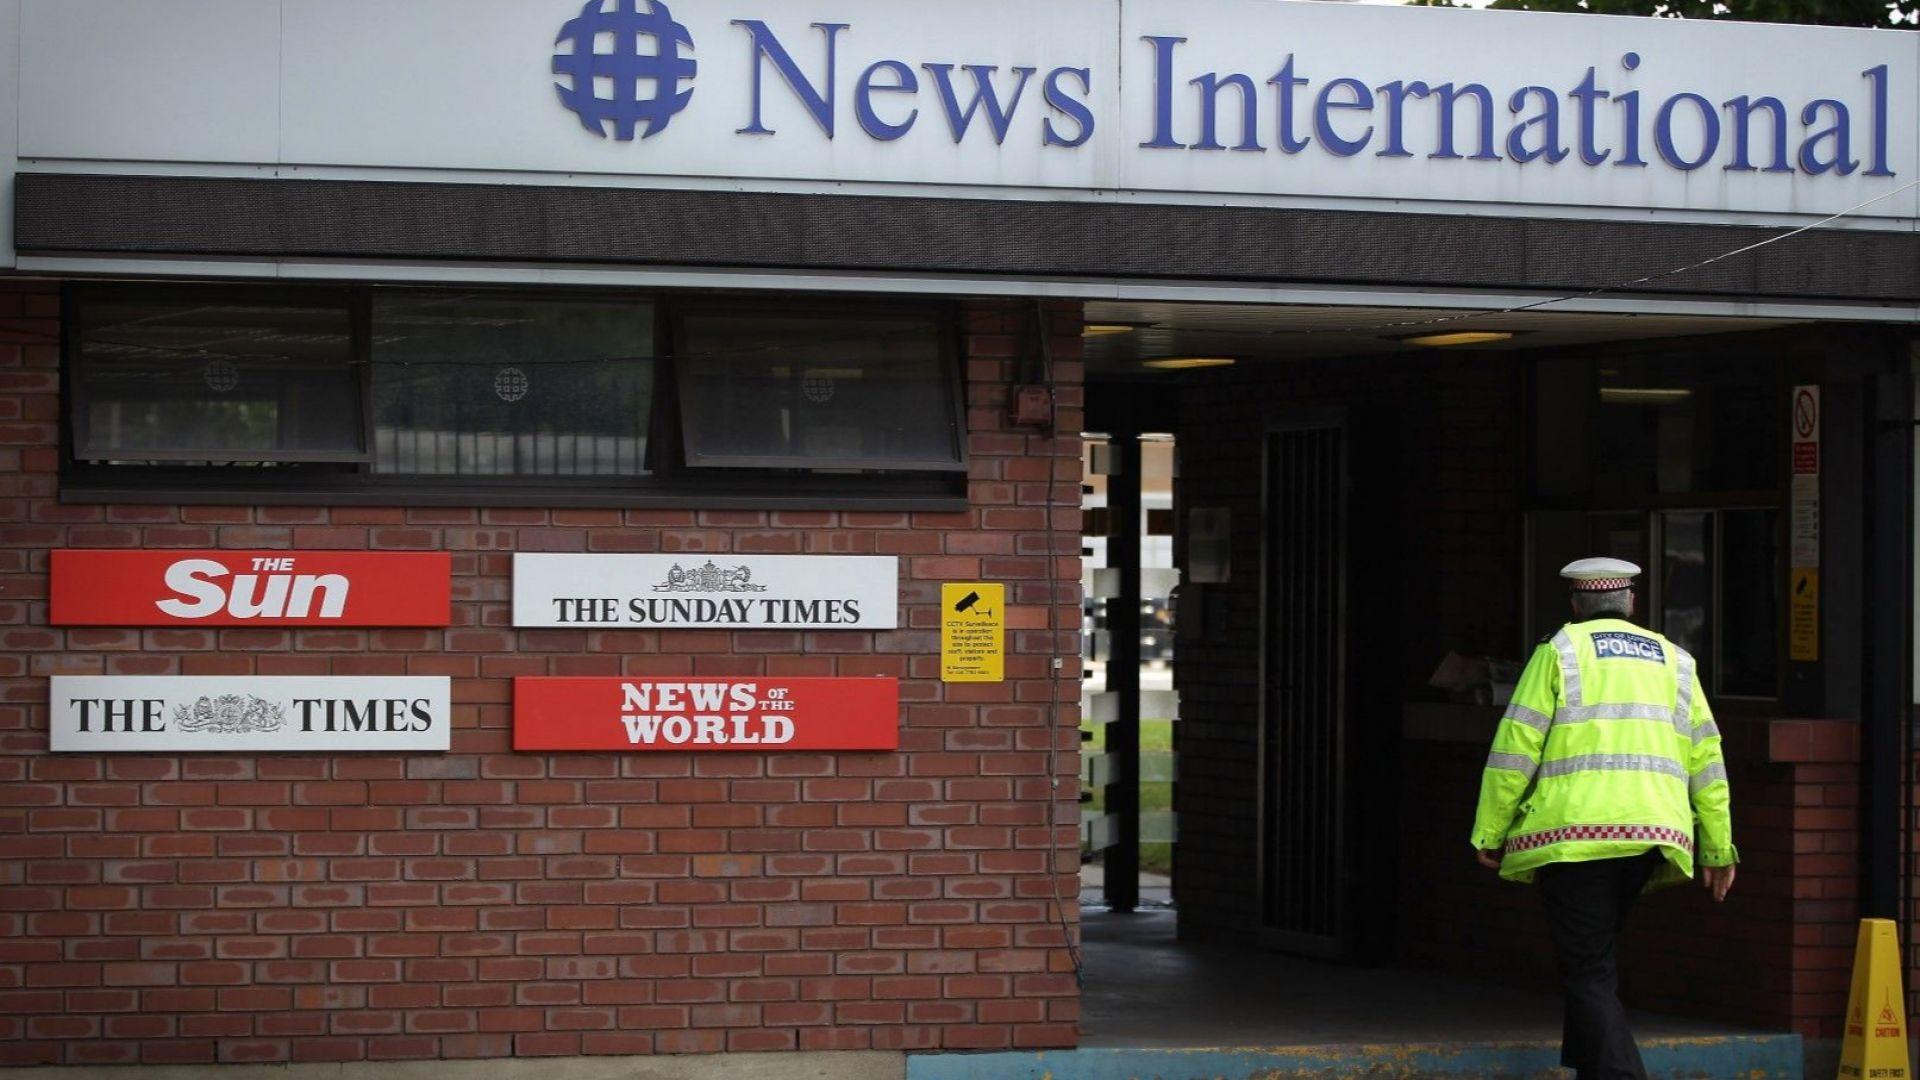 Полицай влиза в централата на издателя News International на 7 юли 2011 г. След сериозни твърдения, че хакерството на телефони е широко разпространено в News of the World, изпълнителният директор Джеймс Мърдок обяви, че вестникът ще бъде закрит